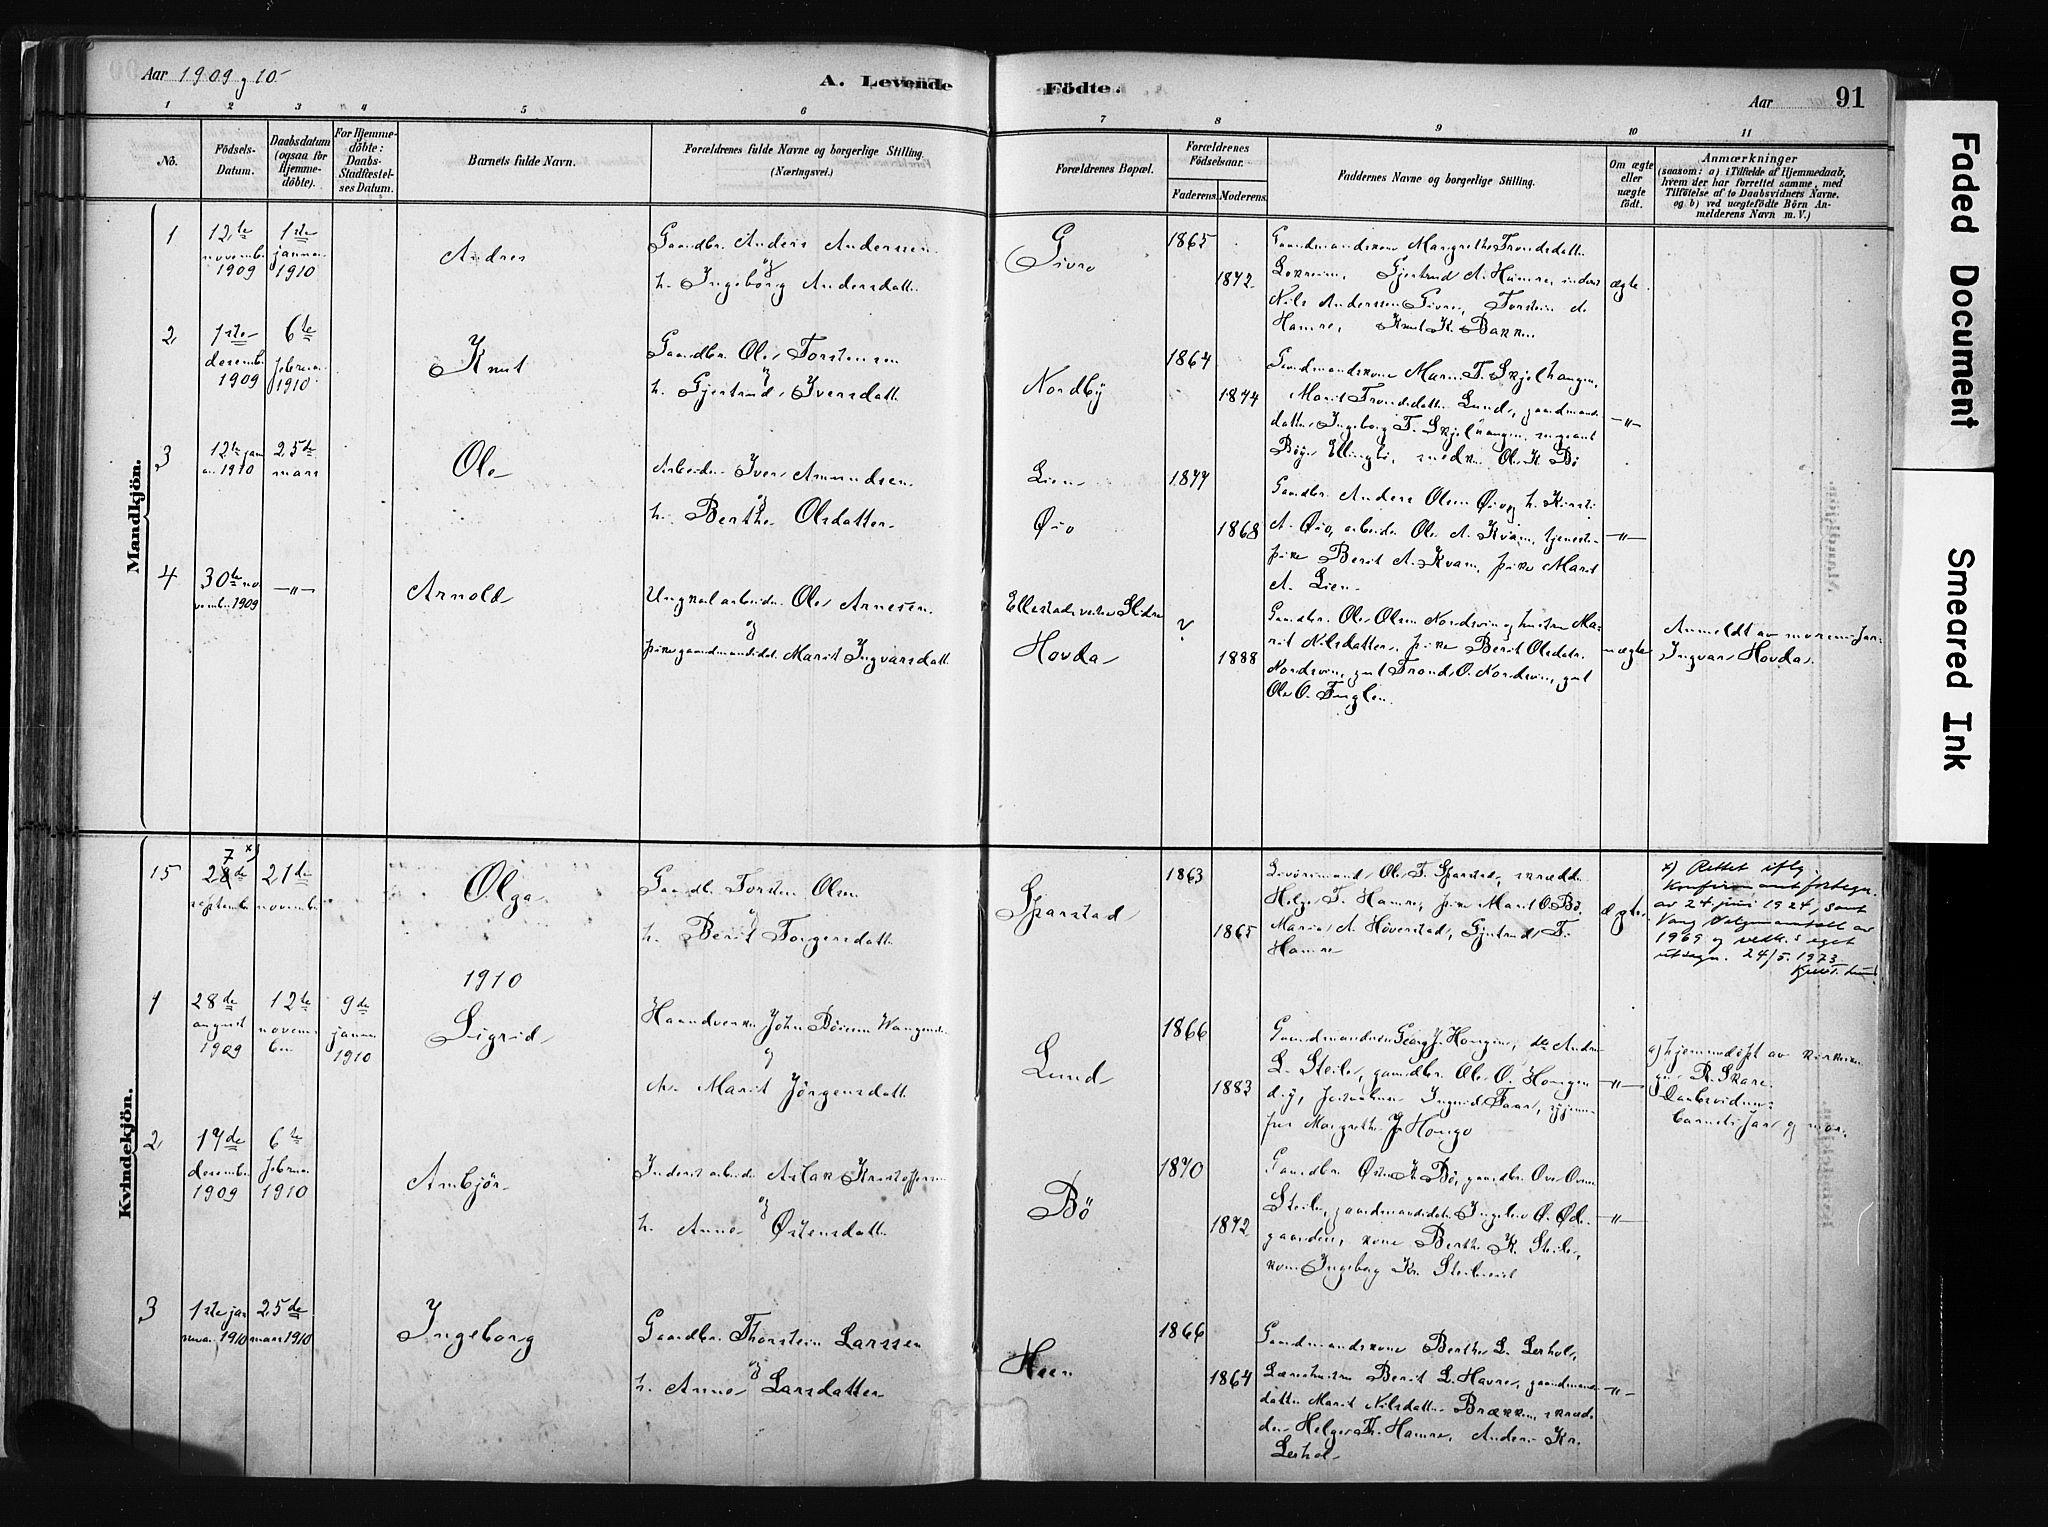 SAH, Vang prestekontor, Valdres, Ministerialbok nr. 8, 1882-1910, s. 91